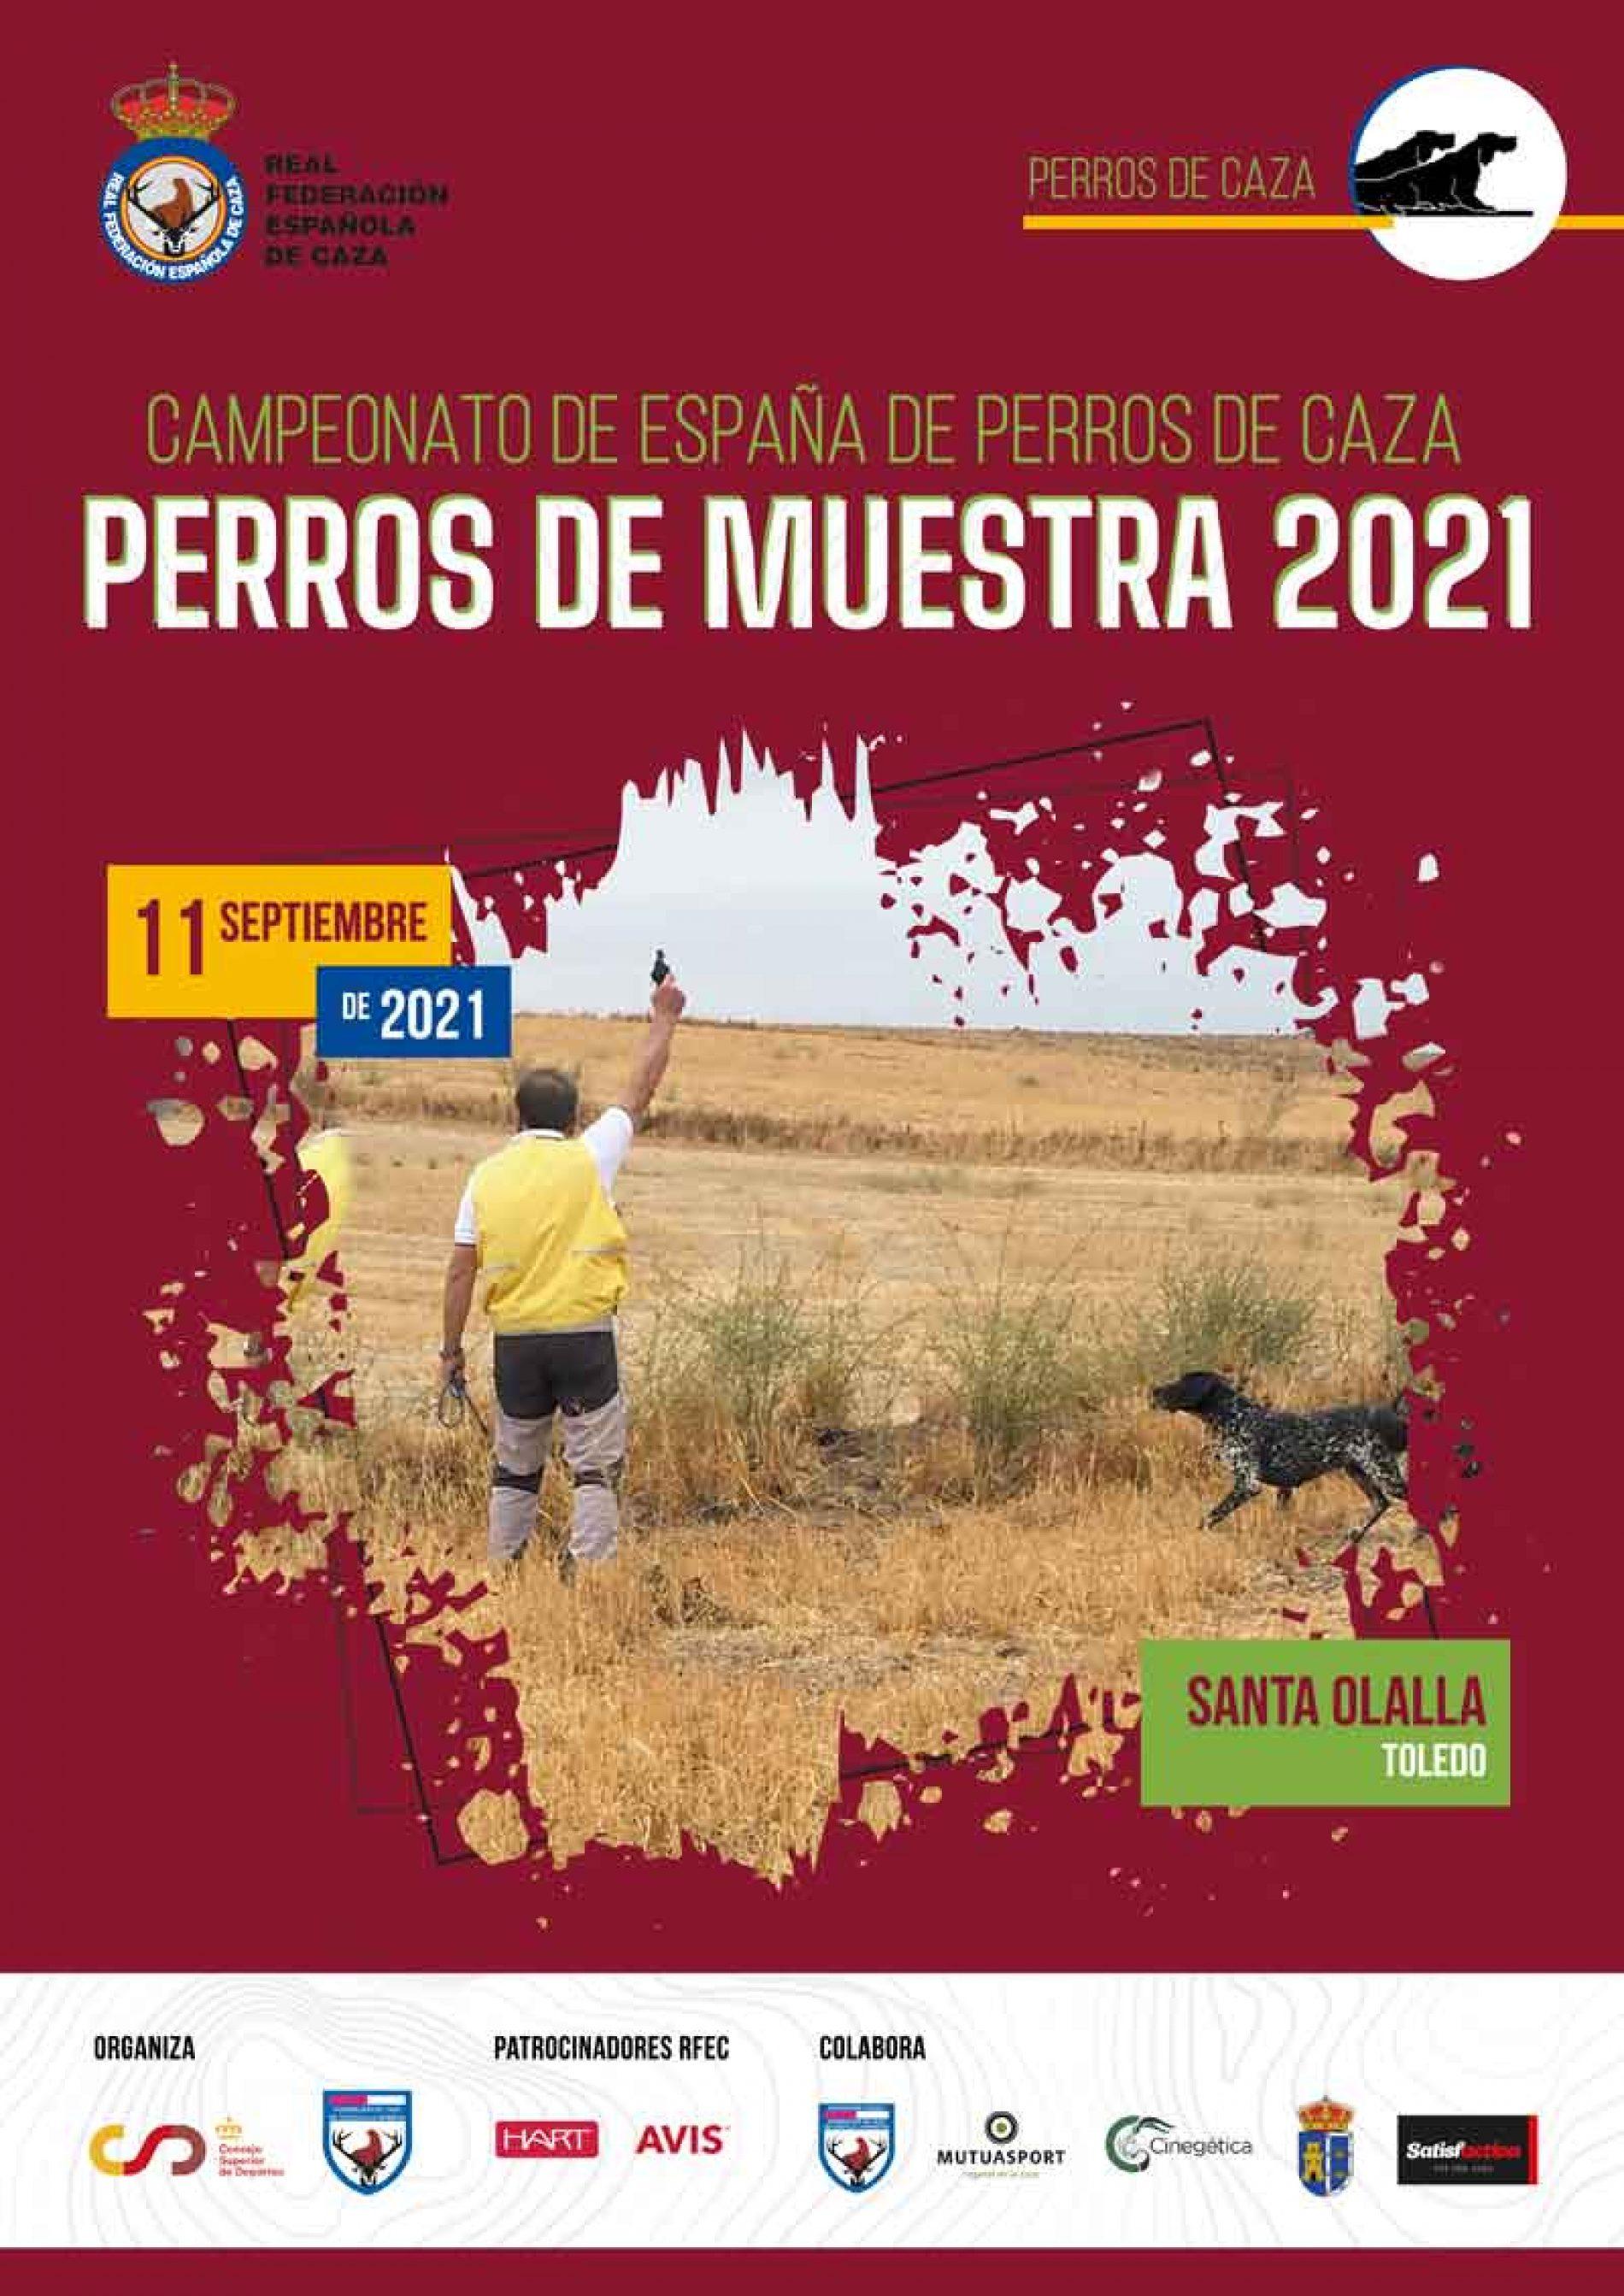 Campeonato de España de Perros de Muestra – Perros de Caza 2021, el 11 de septiembre en Santa Olalla